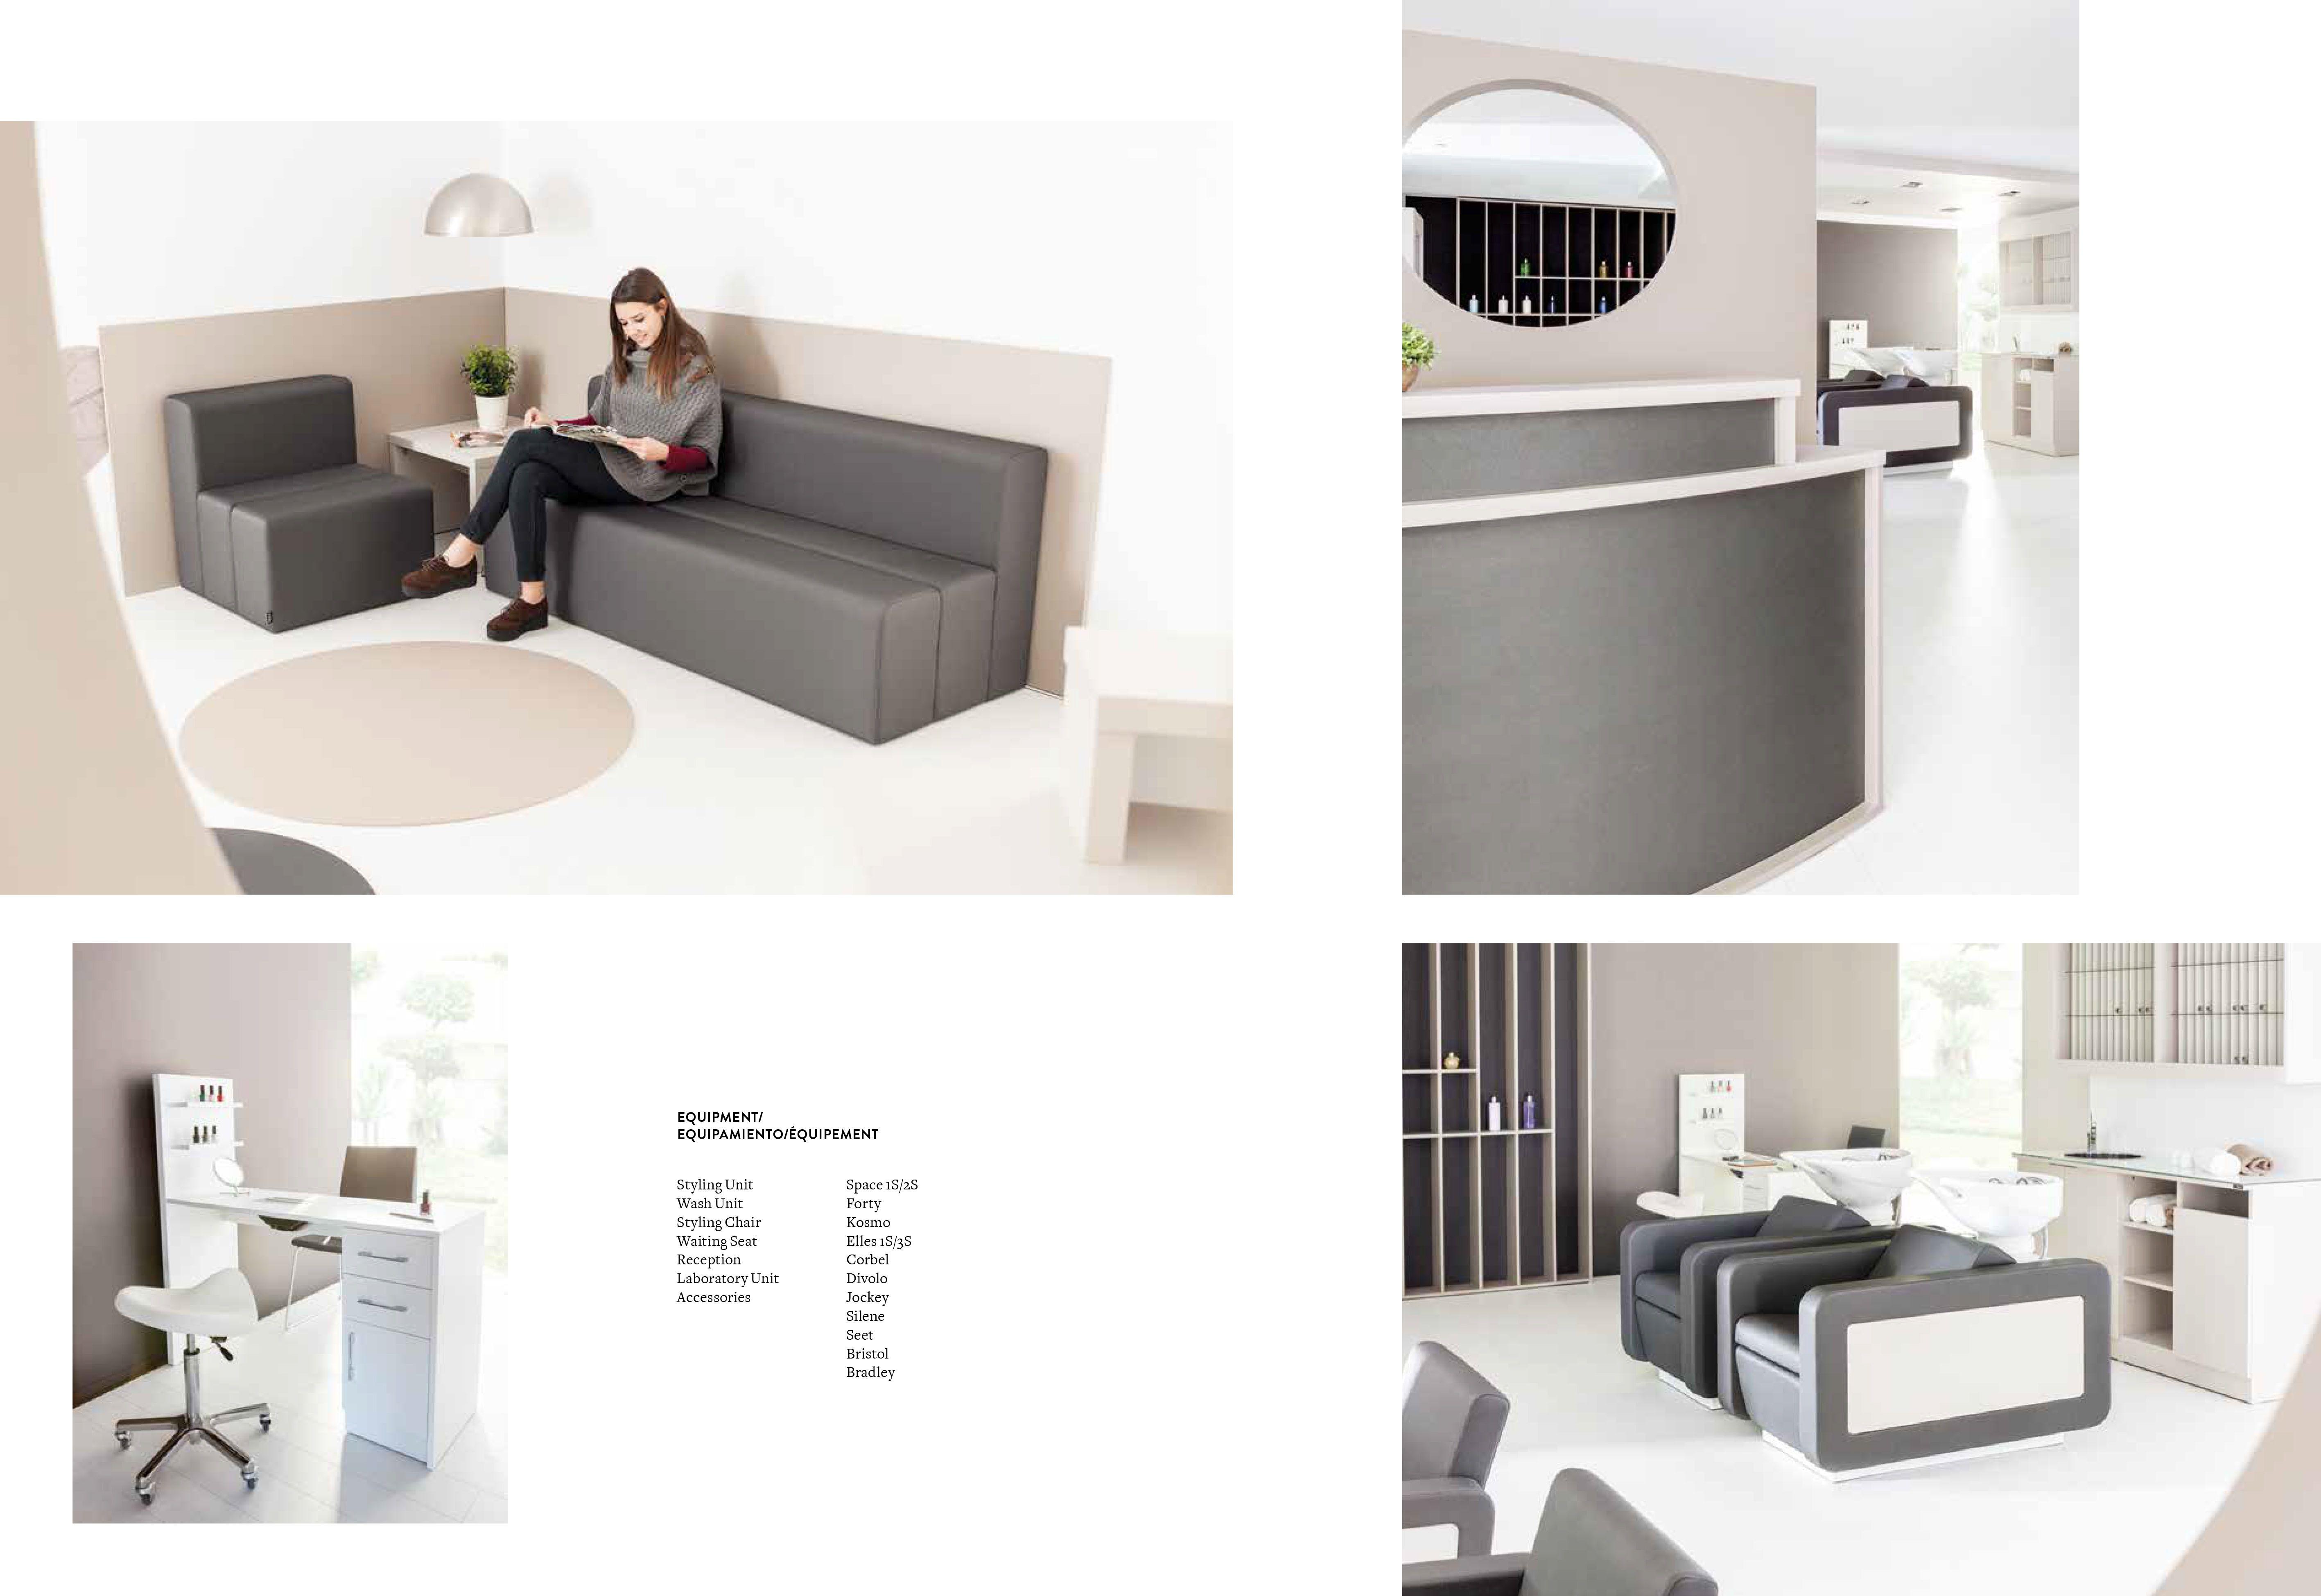 Preparado Para Lograr Un Equilibrio Perfecto Y Convertir La  # Muebles Equilibrio